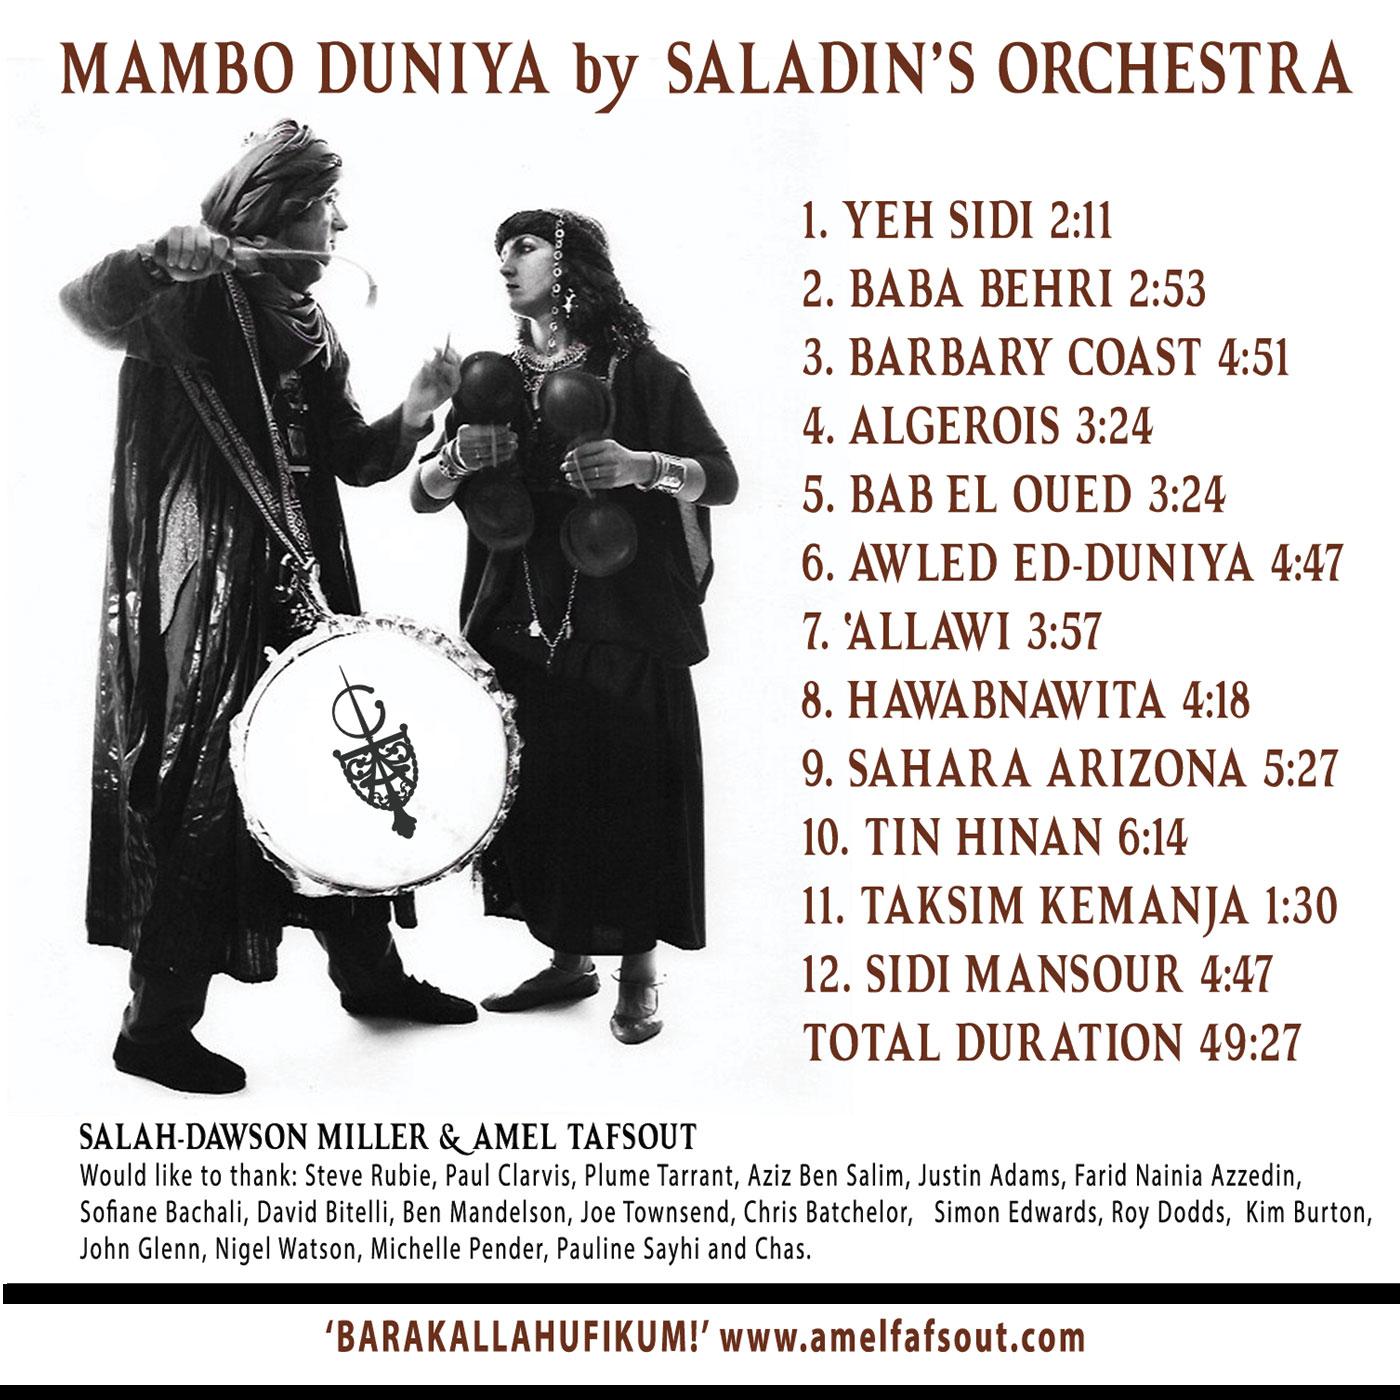 Mambo Duniya - Back Cover